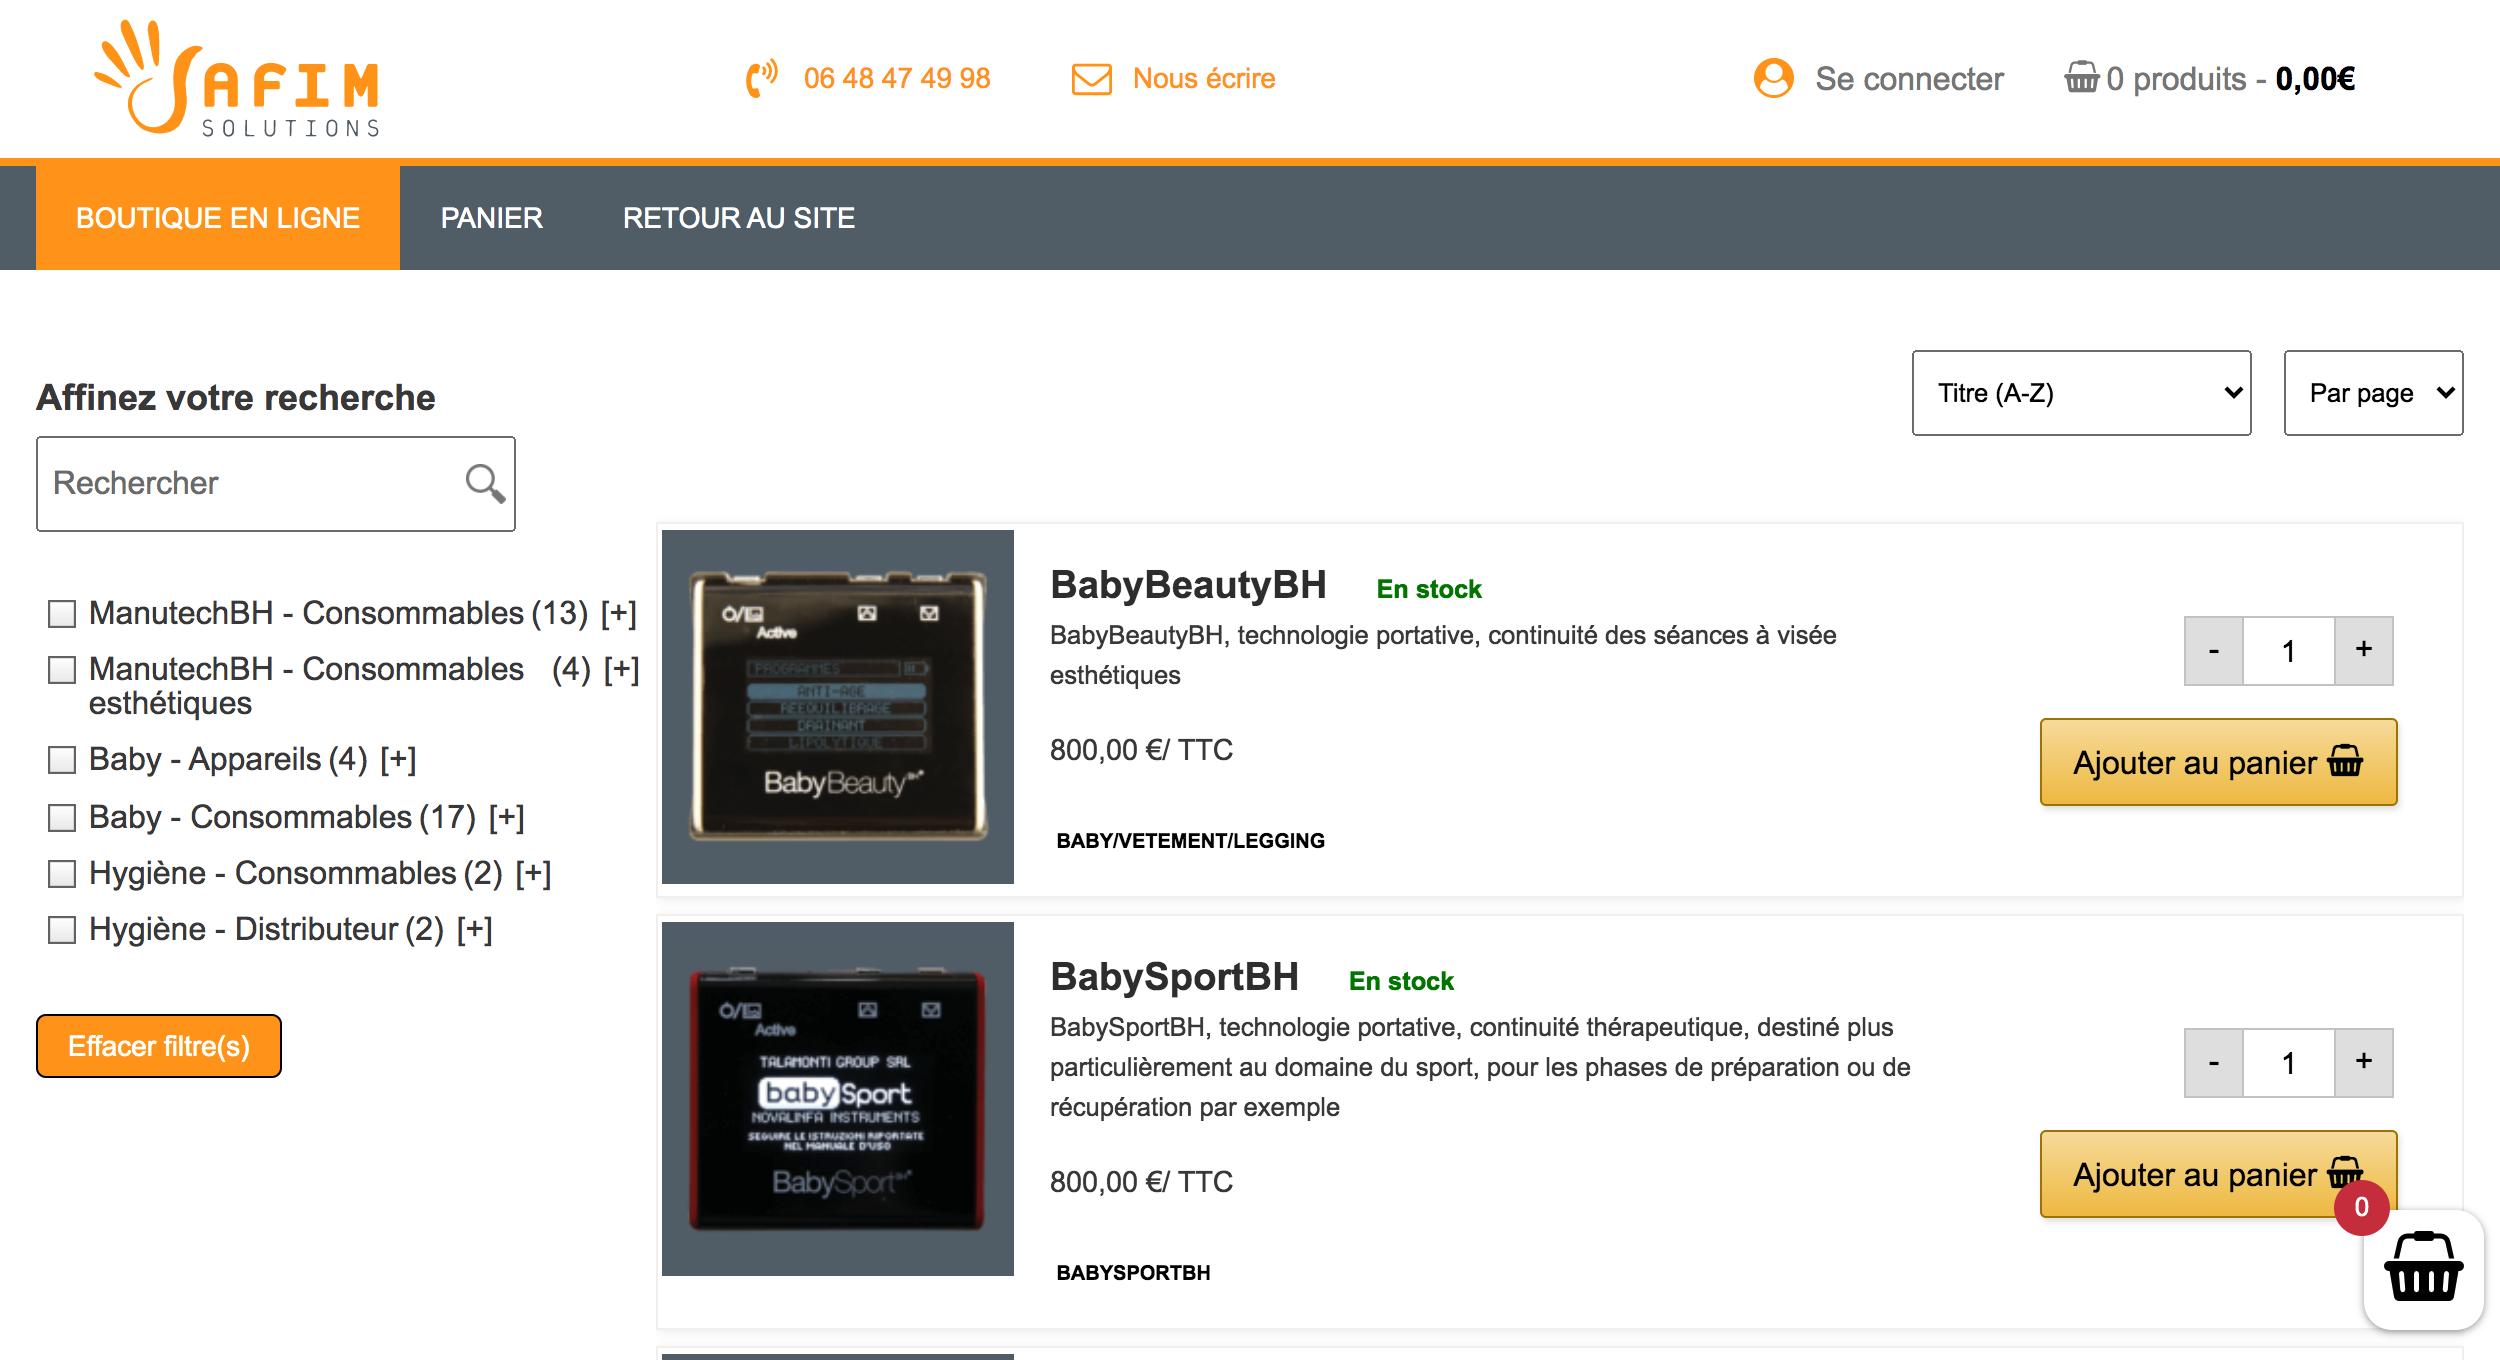 Site e-commerce - Matériels professionnels de sant - E-commerce